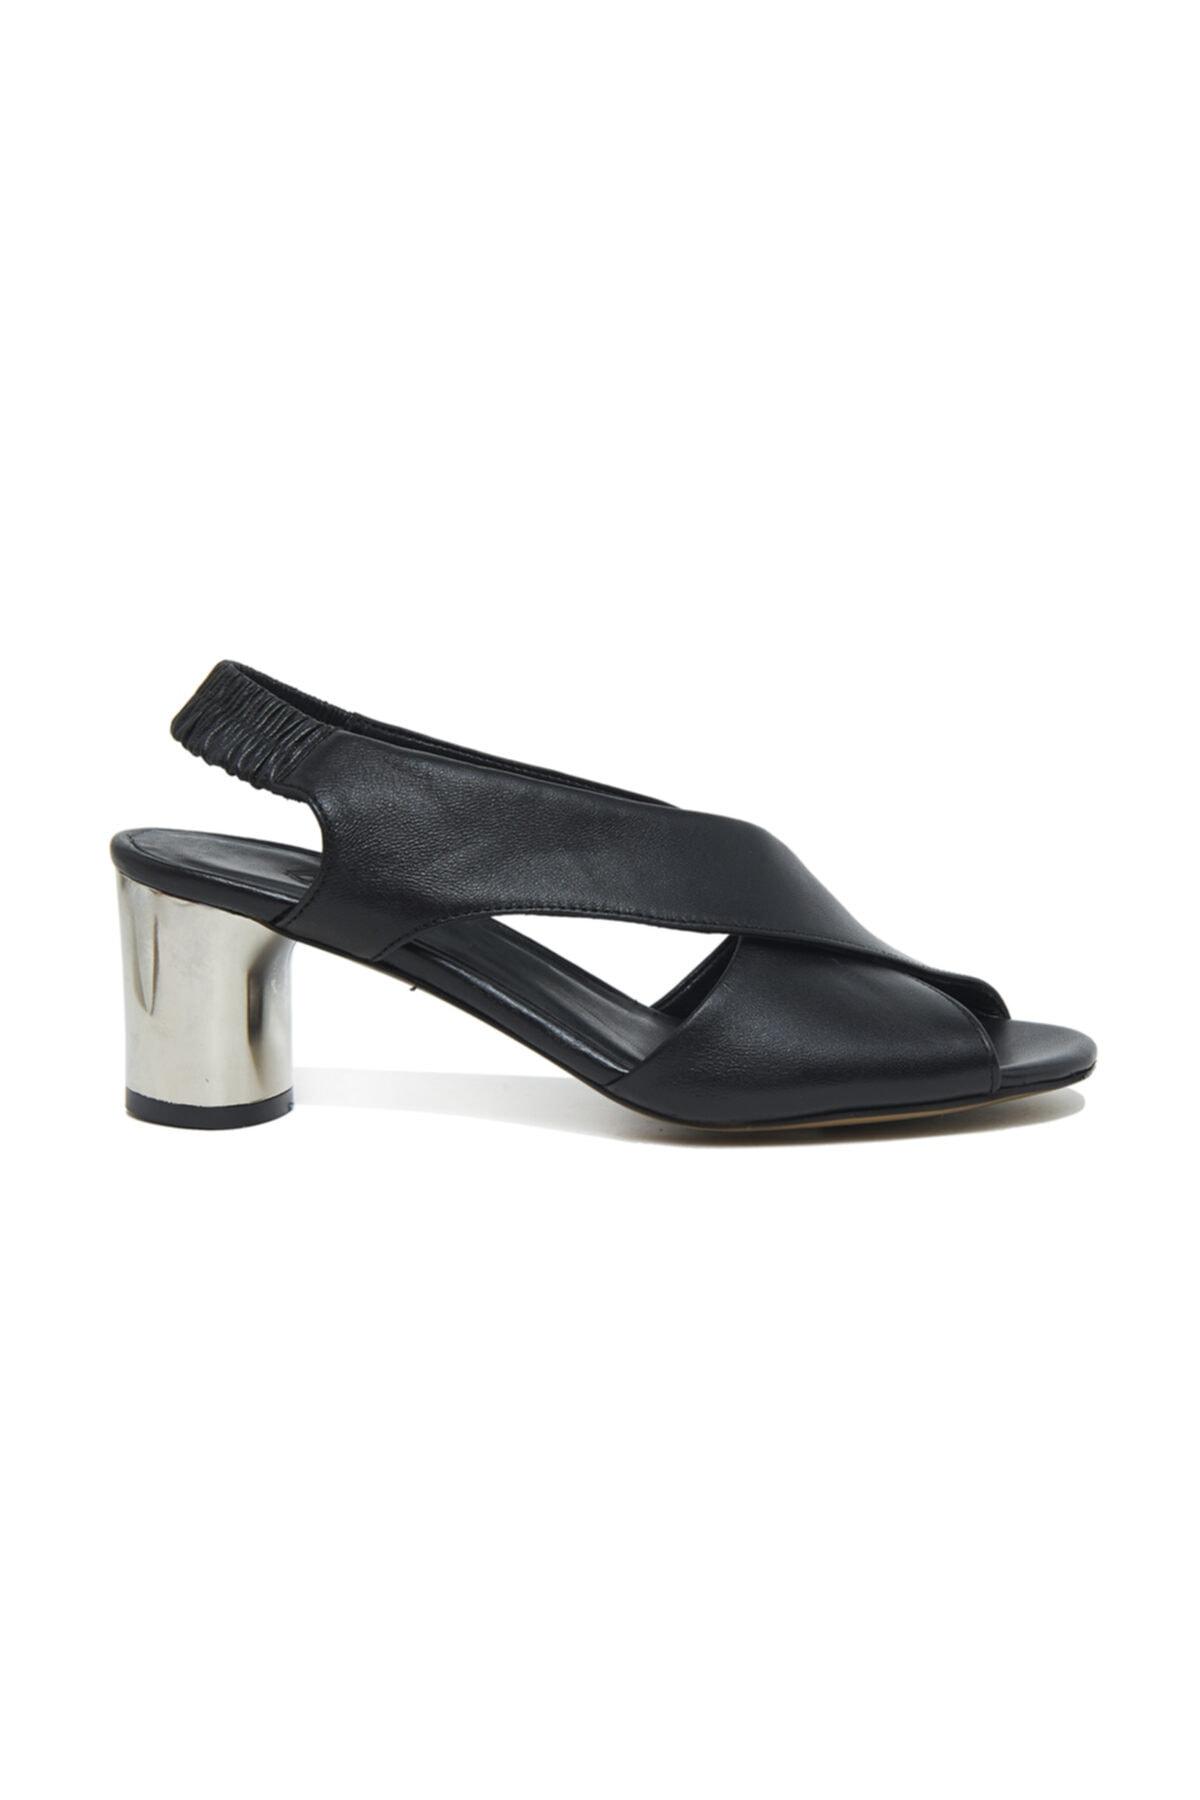 Desa Arrianna Kadın Deri Gümüş Topuklu Sandalet 2